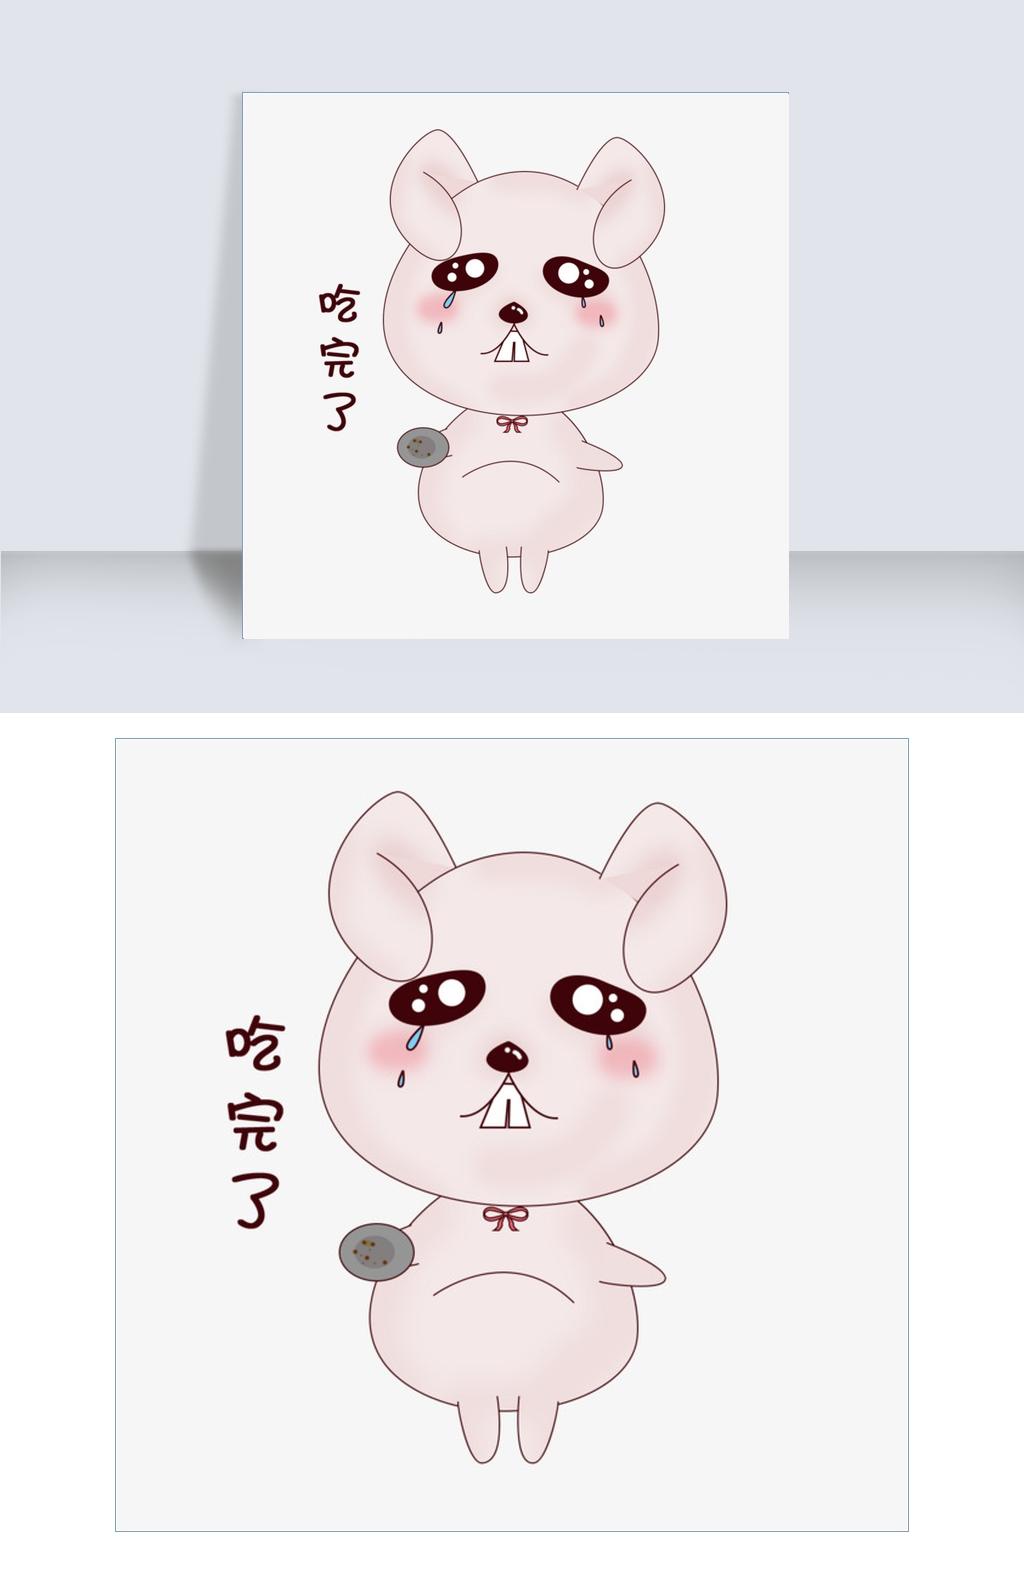 通手绘可爱粉粉小兔子中秋节吃月饼表情包吃完了图片素材 PSB格式